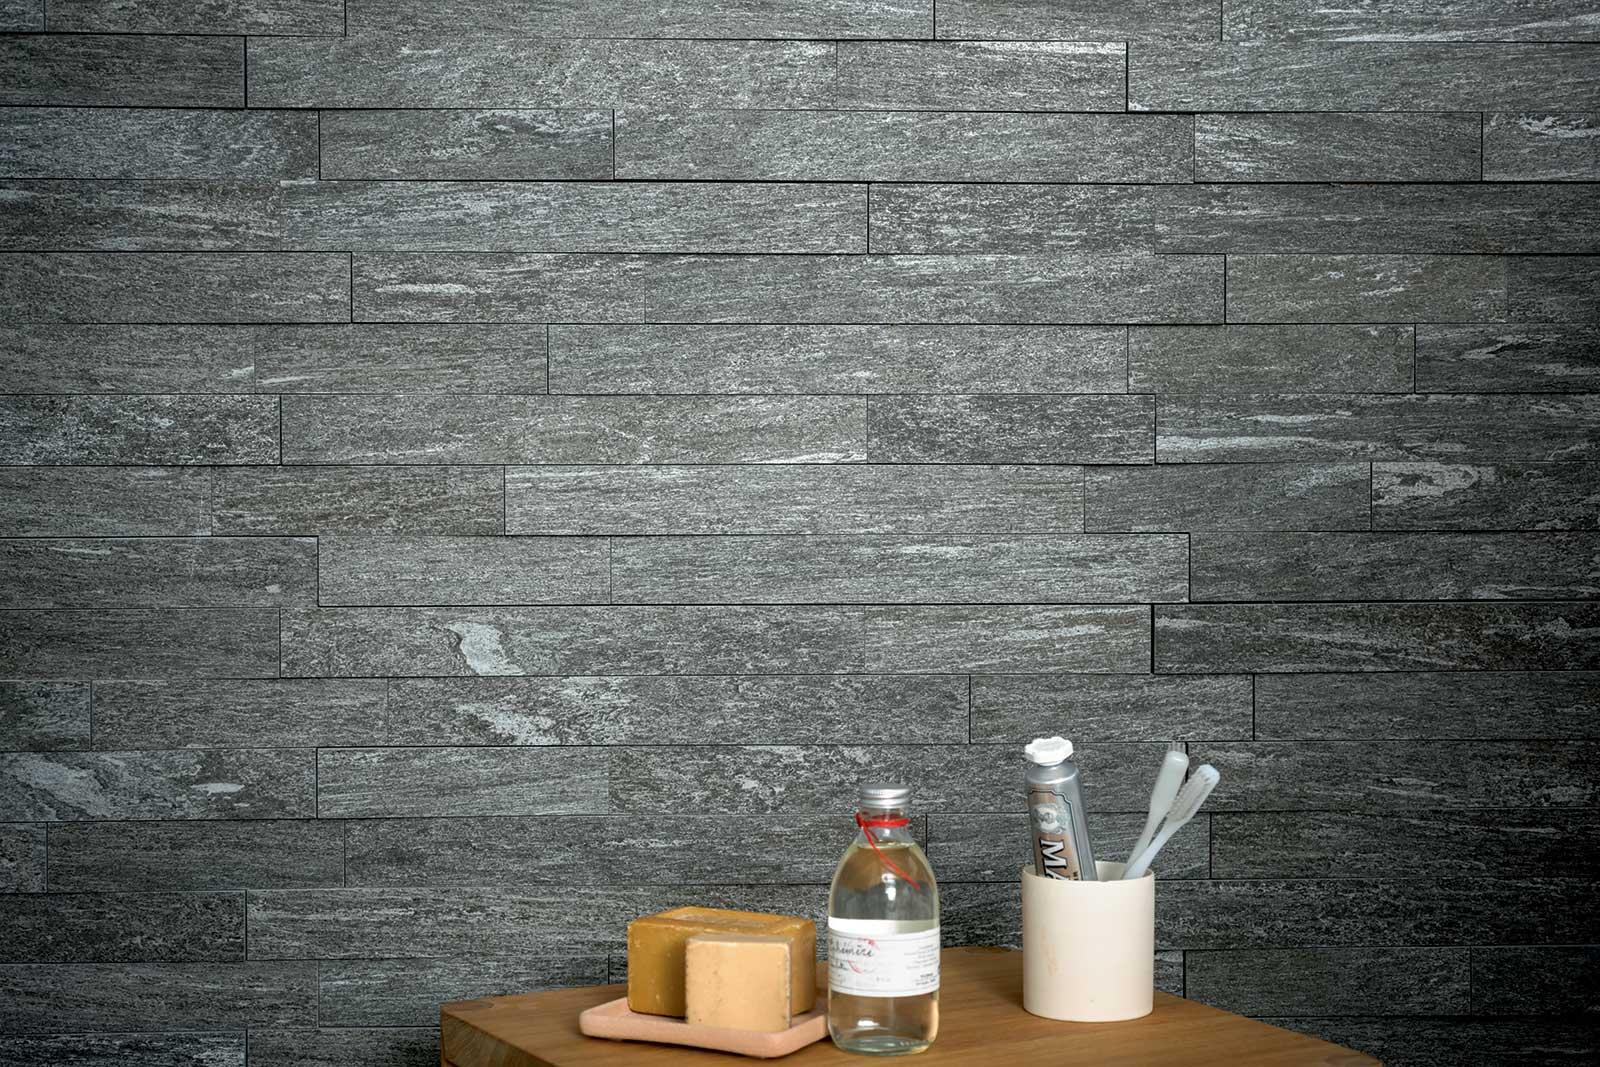 Mystone pietra di vals gres effetto pietra marazzi - Piastrelle gres porcellanato effetto pietra ...